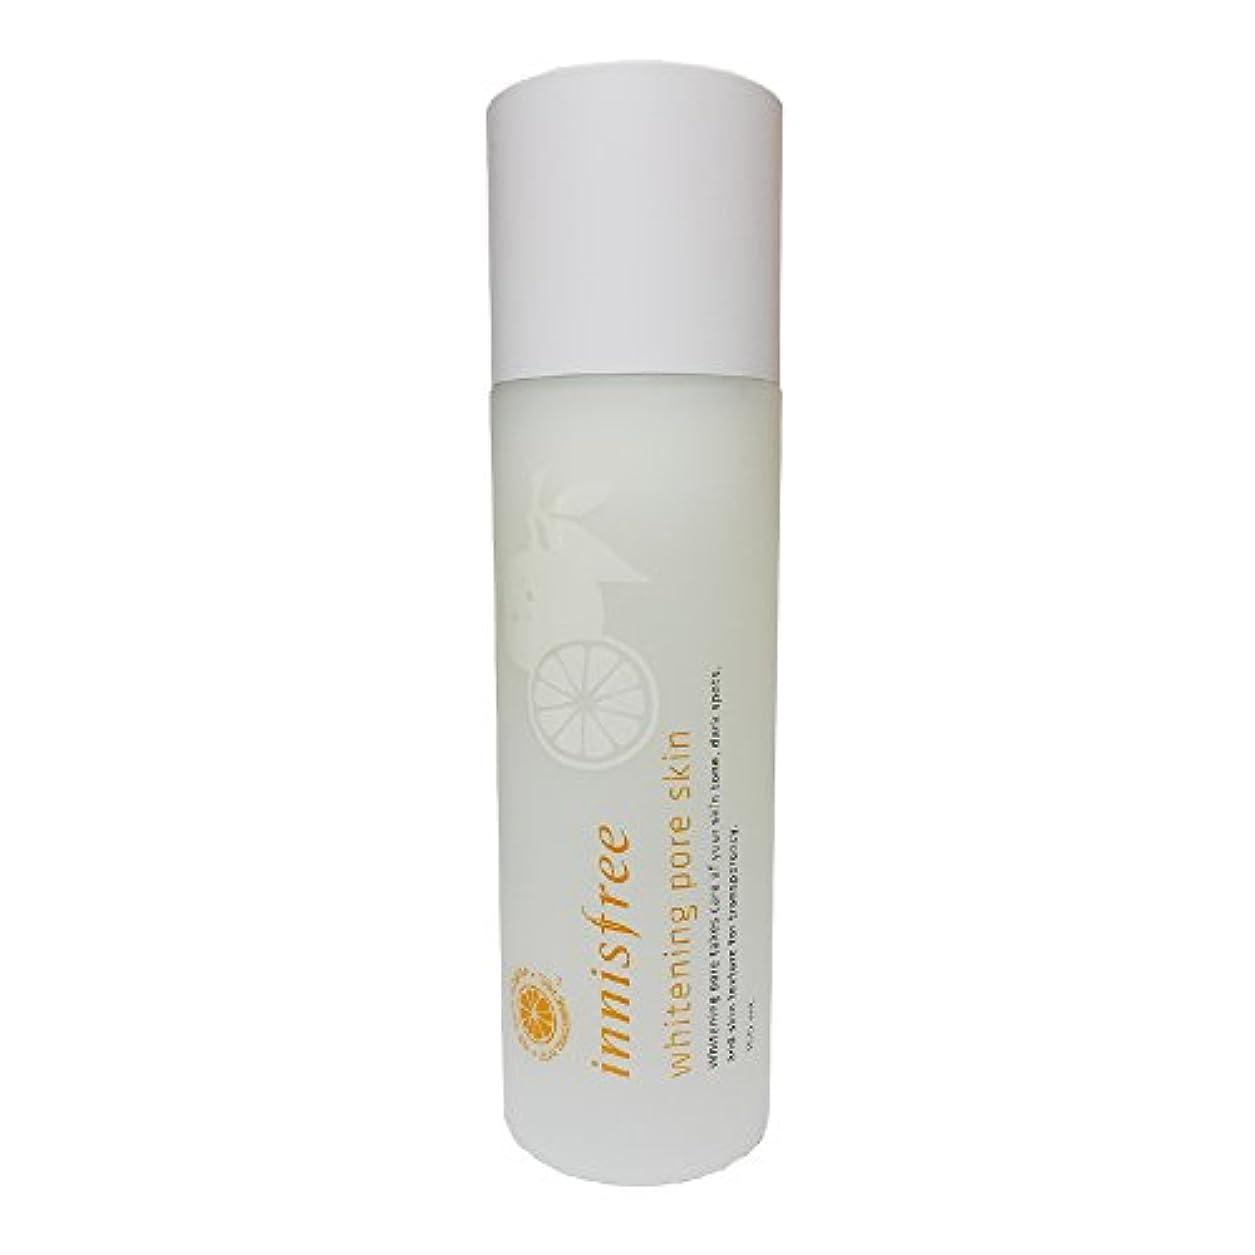 詳細なディーラー乱気流[イニスフリー] Innisfree ホワイトニング毛穴スキン (150ml) Innisfree Whitening Pore Skin(150ml) [海外直送品]